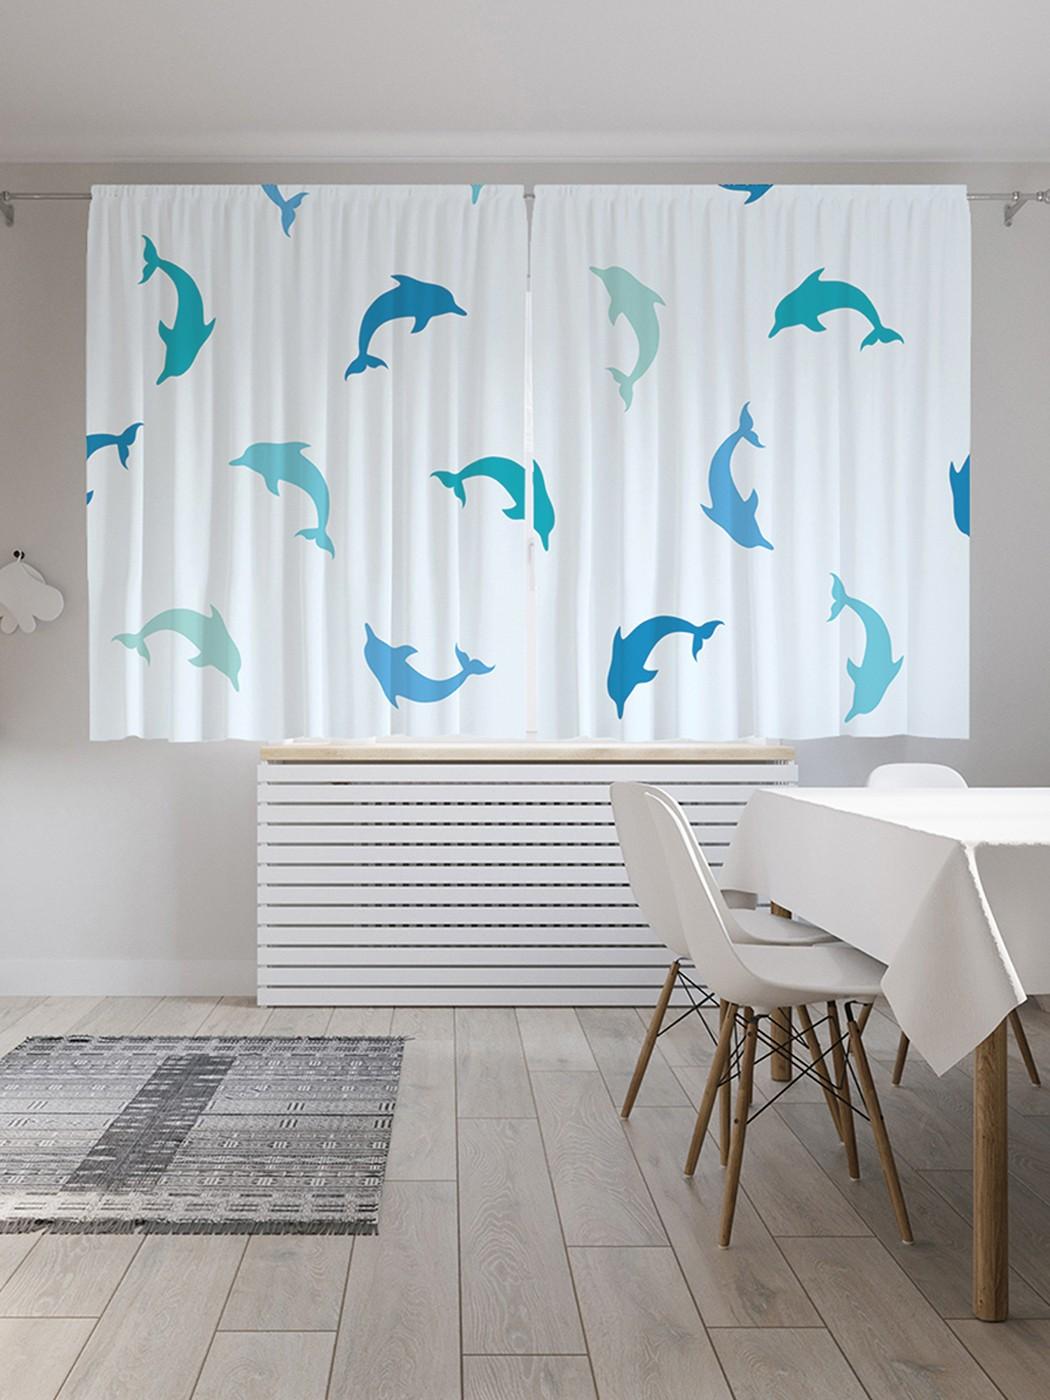 Шторы под лён «Дельфины кружатся», серия Oxford DeLux, 290х180 см